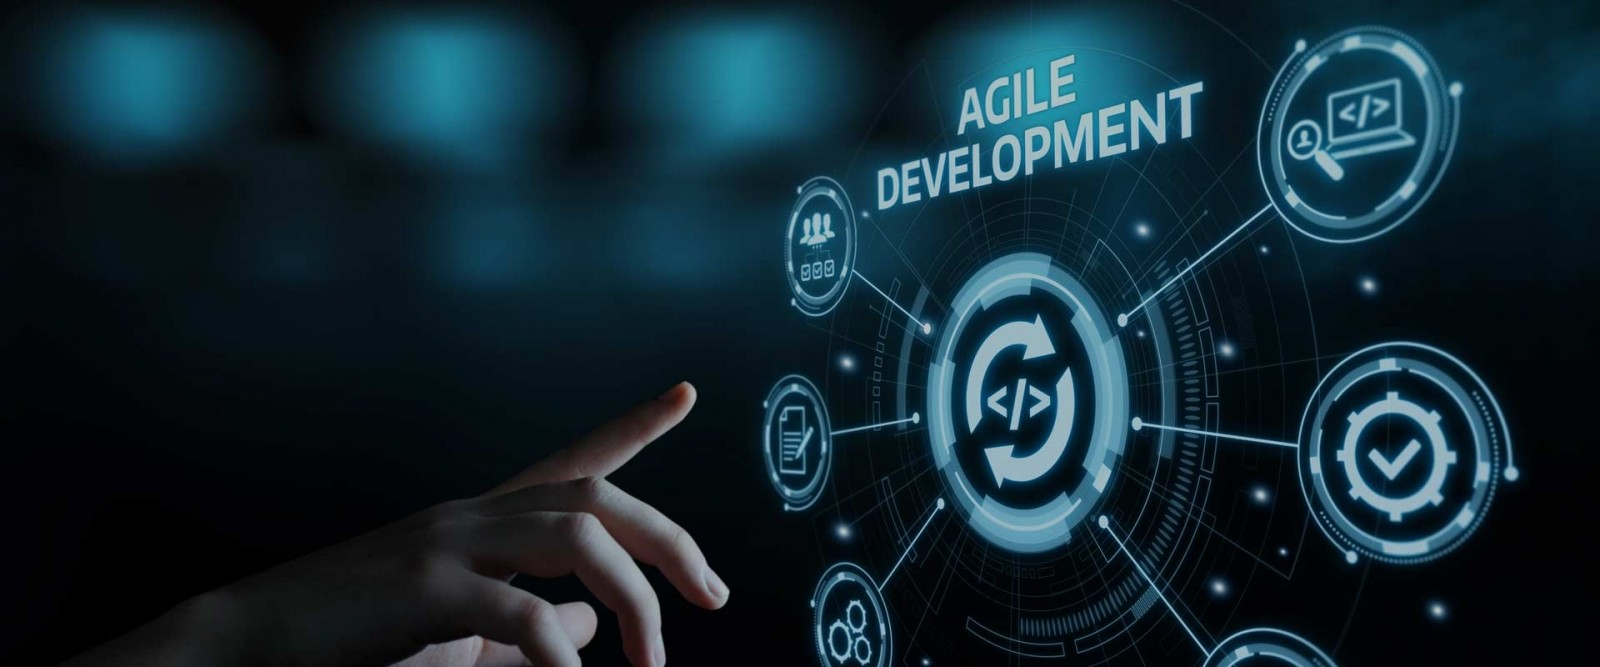 Agile-Pratiti-technologies